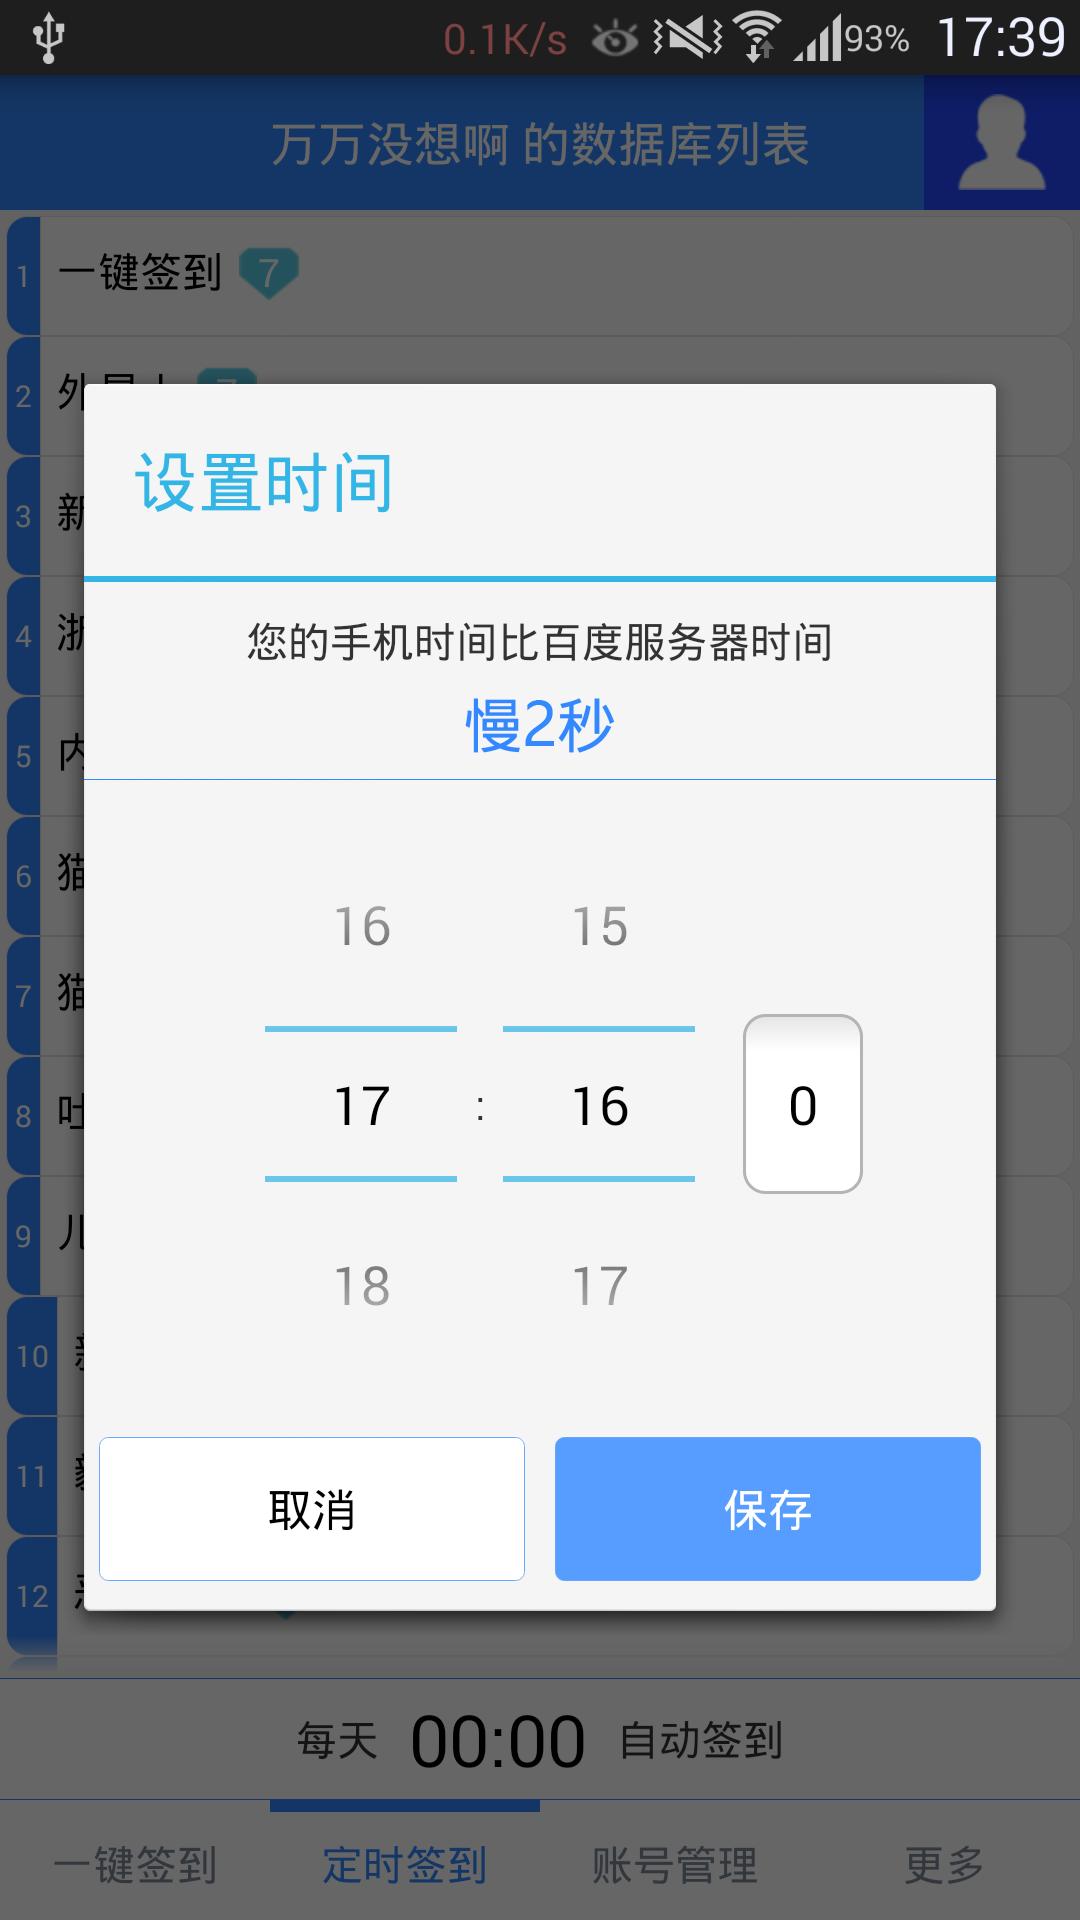 贴吧一键定时签到 V2.2.0 安卓版截图5